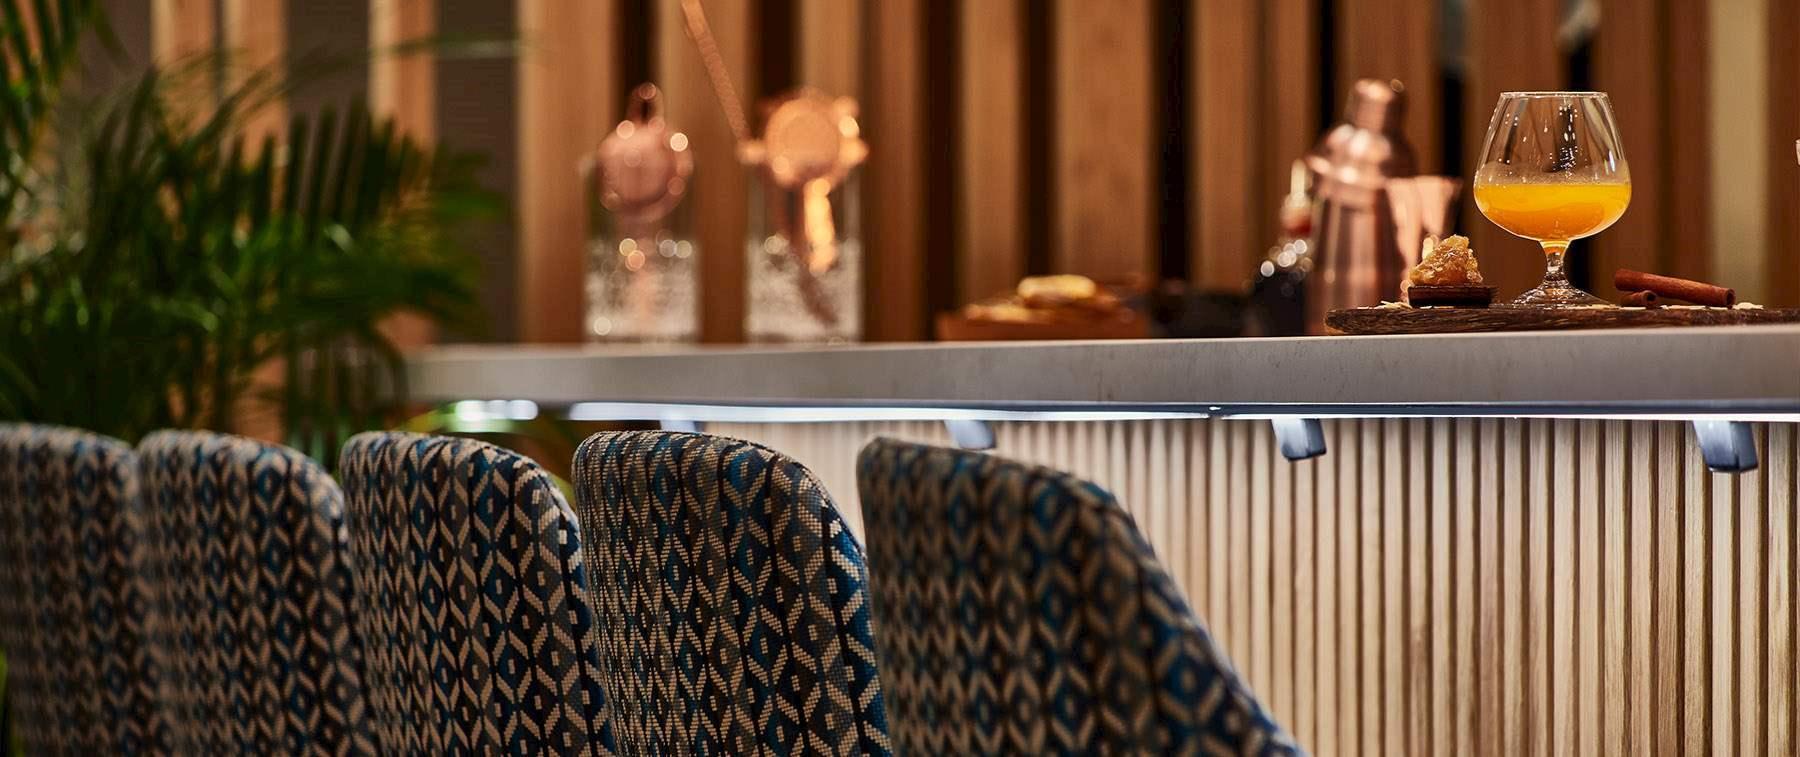 restauracja floor no 2 warszawa centrum